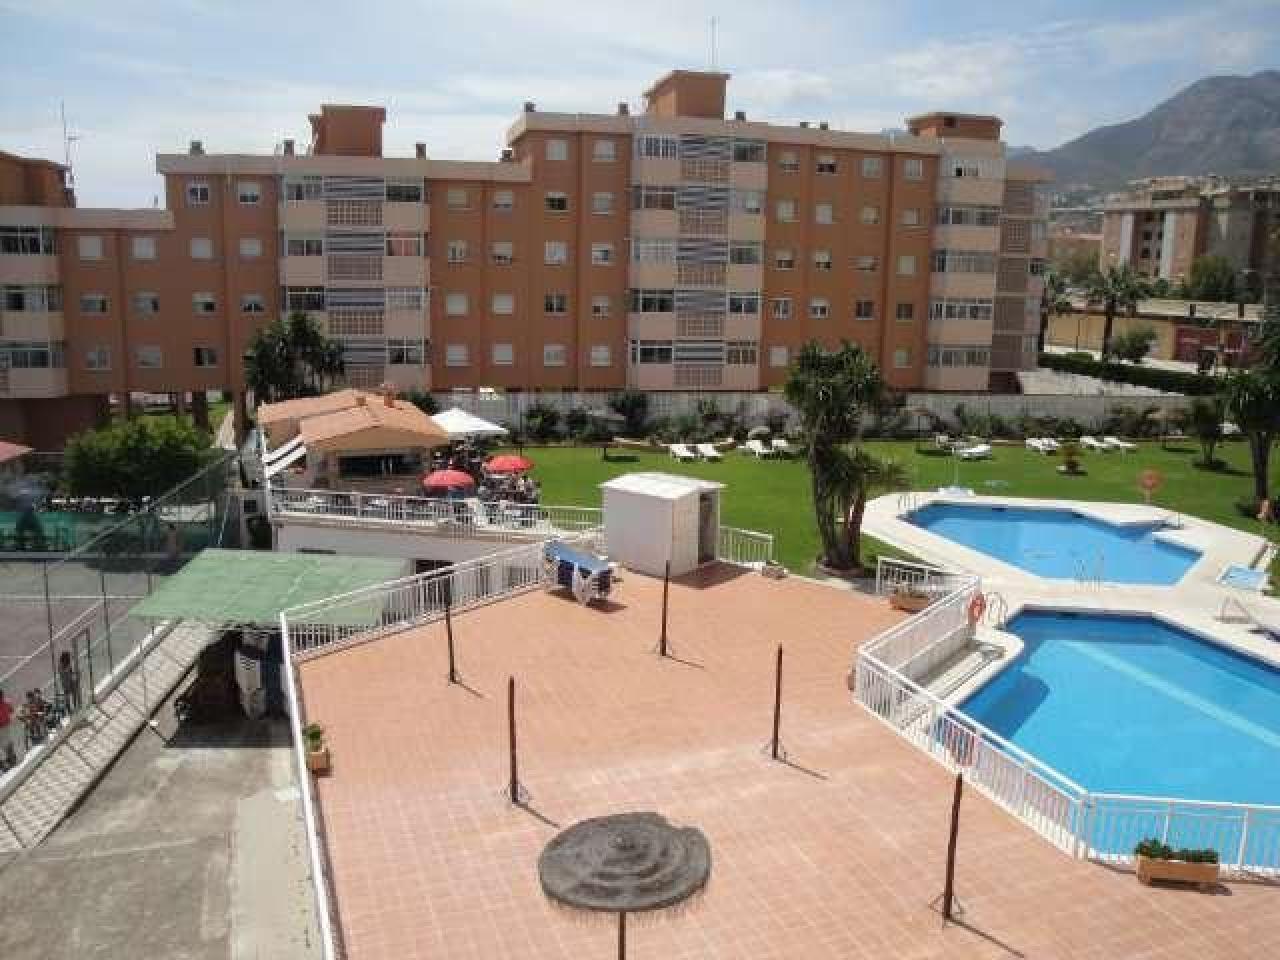 Apartamento barato Benalmádena, Málaga